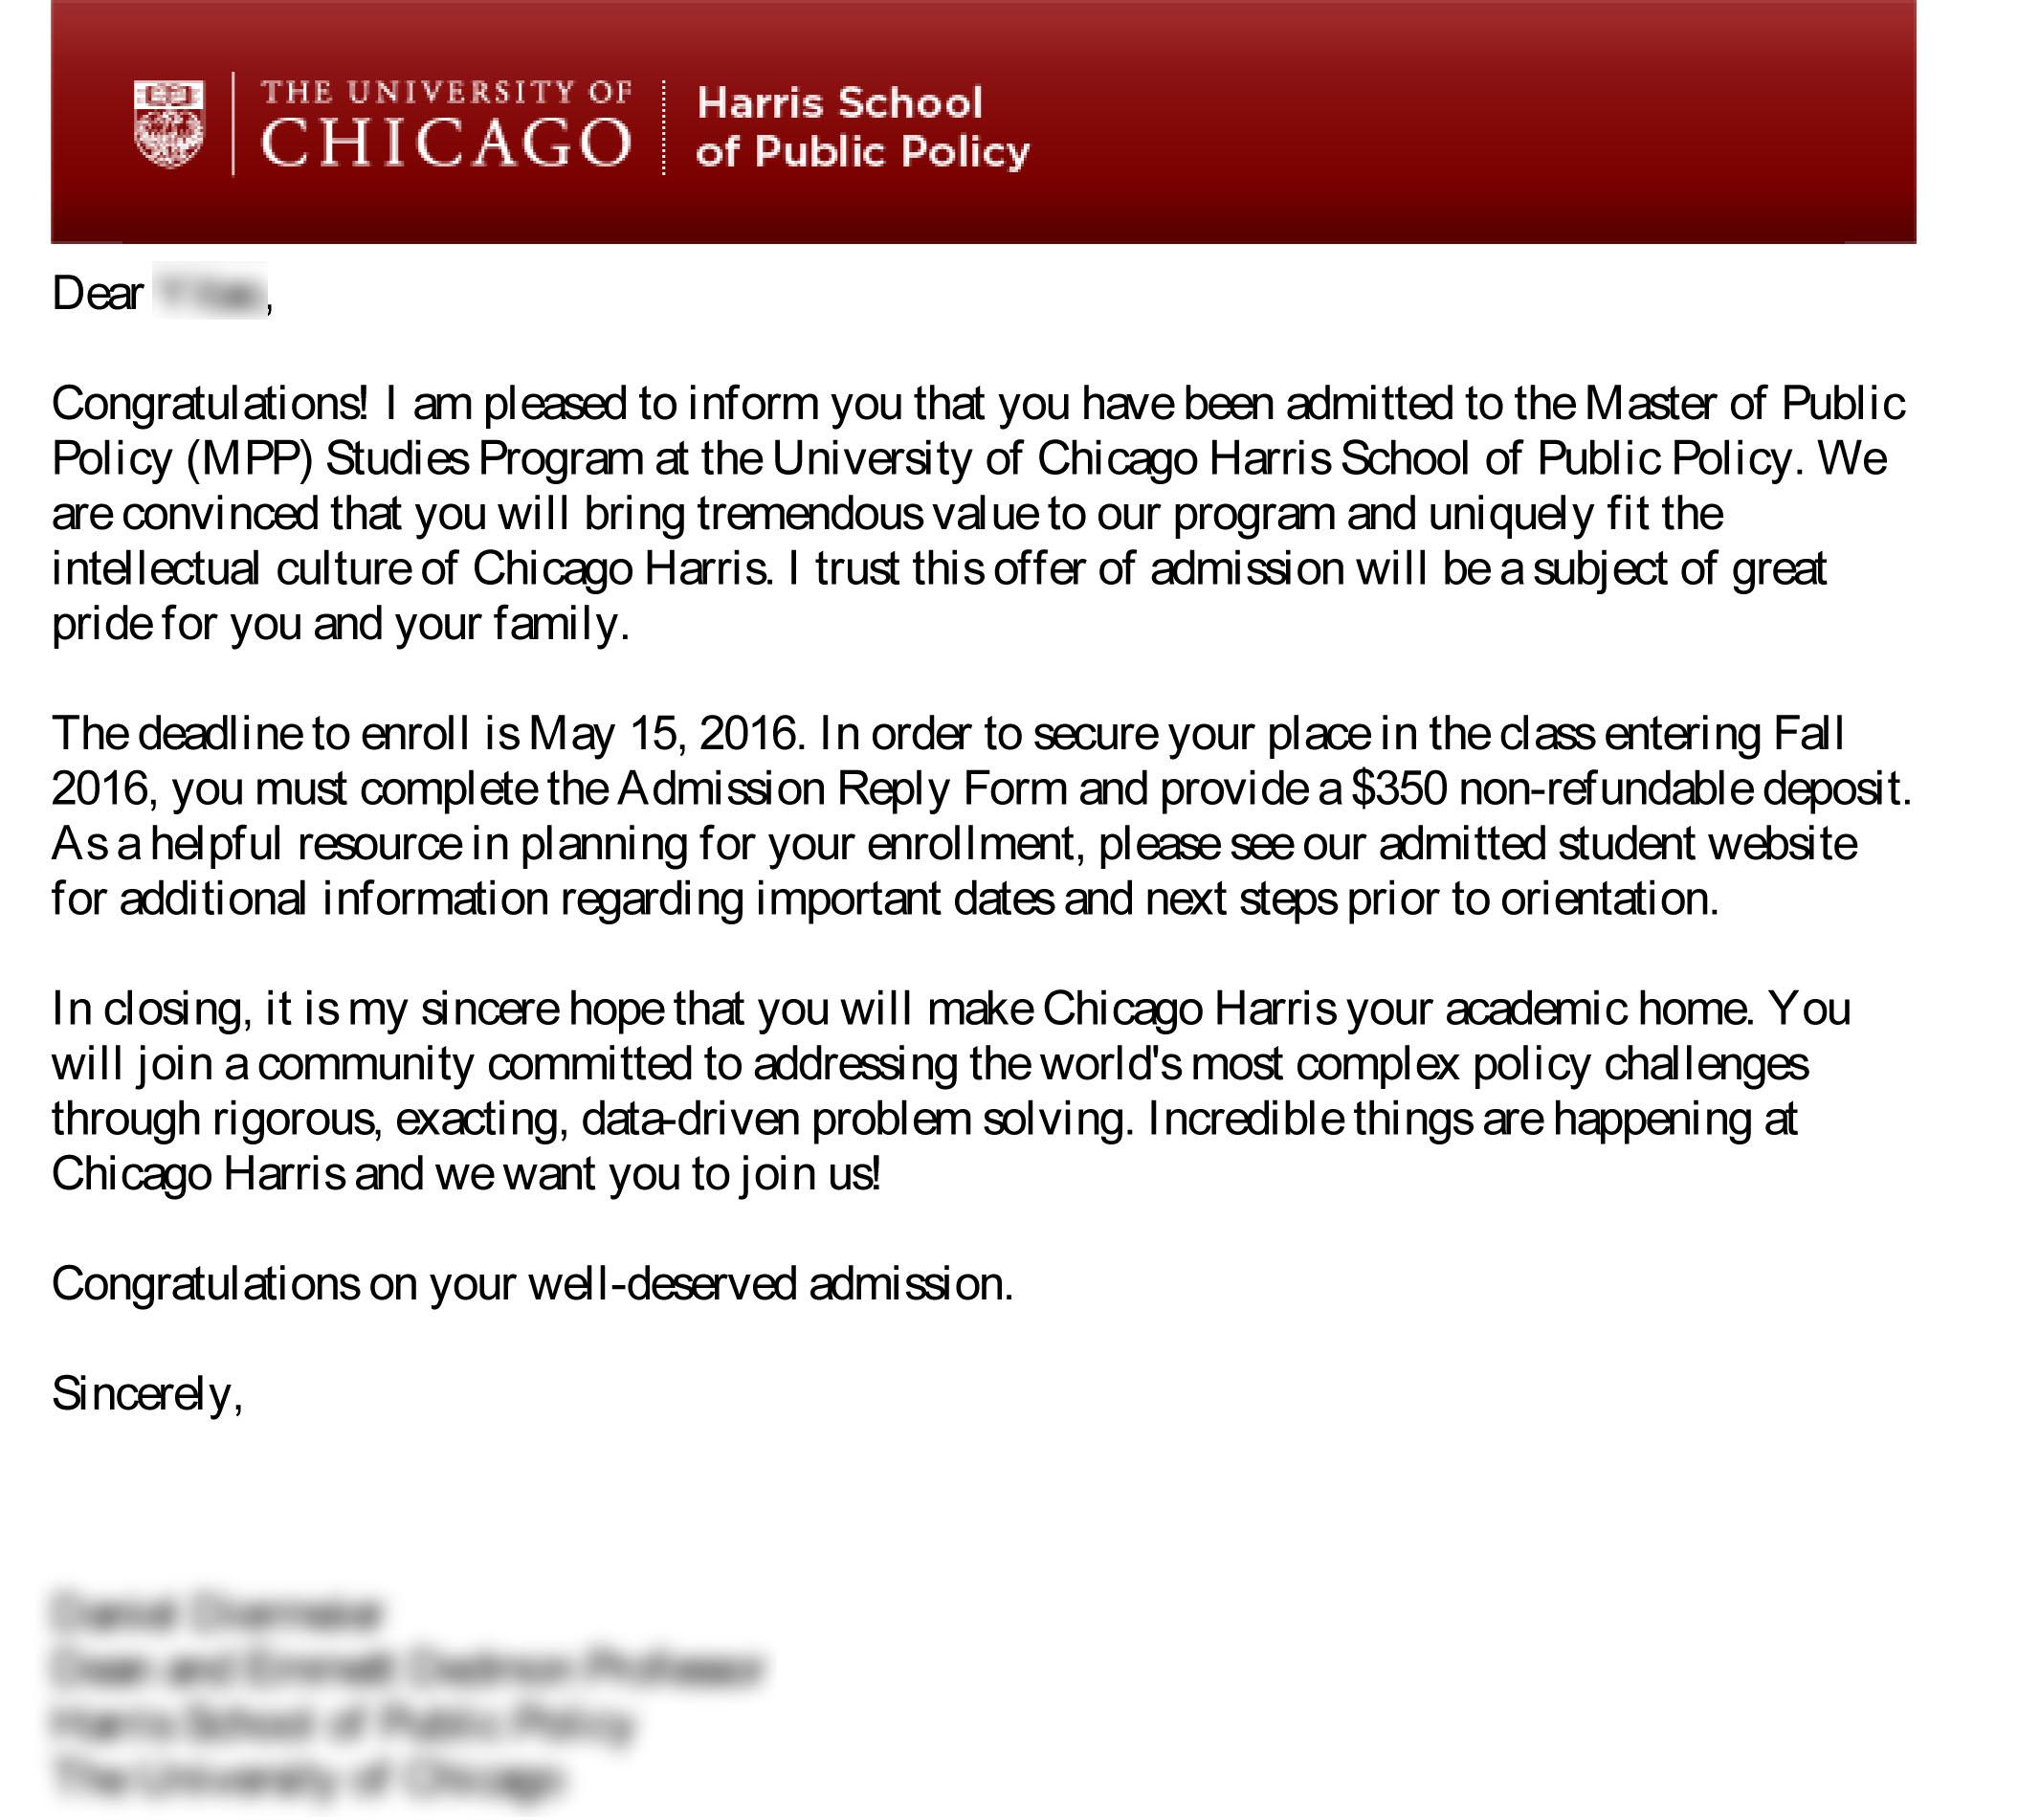 芝加哥大学、康奈尔大学、加州大学洛杉矶分校